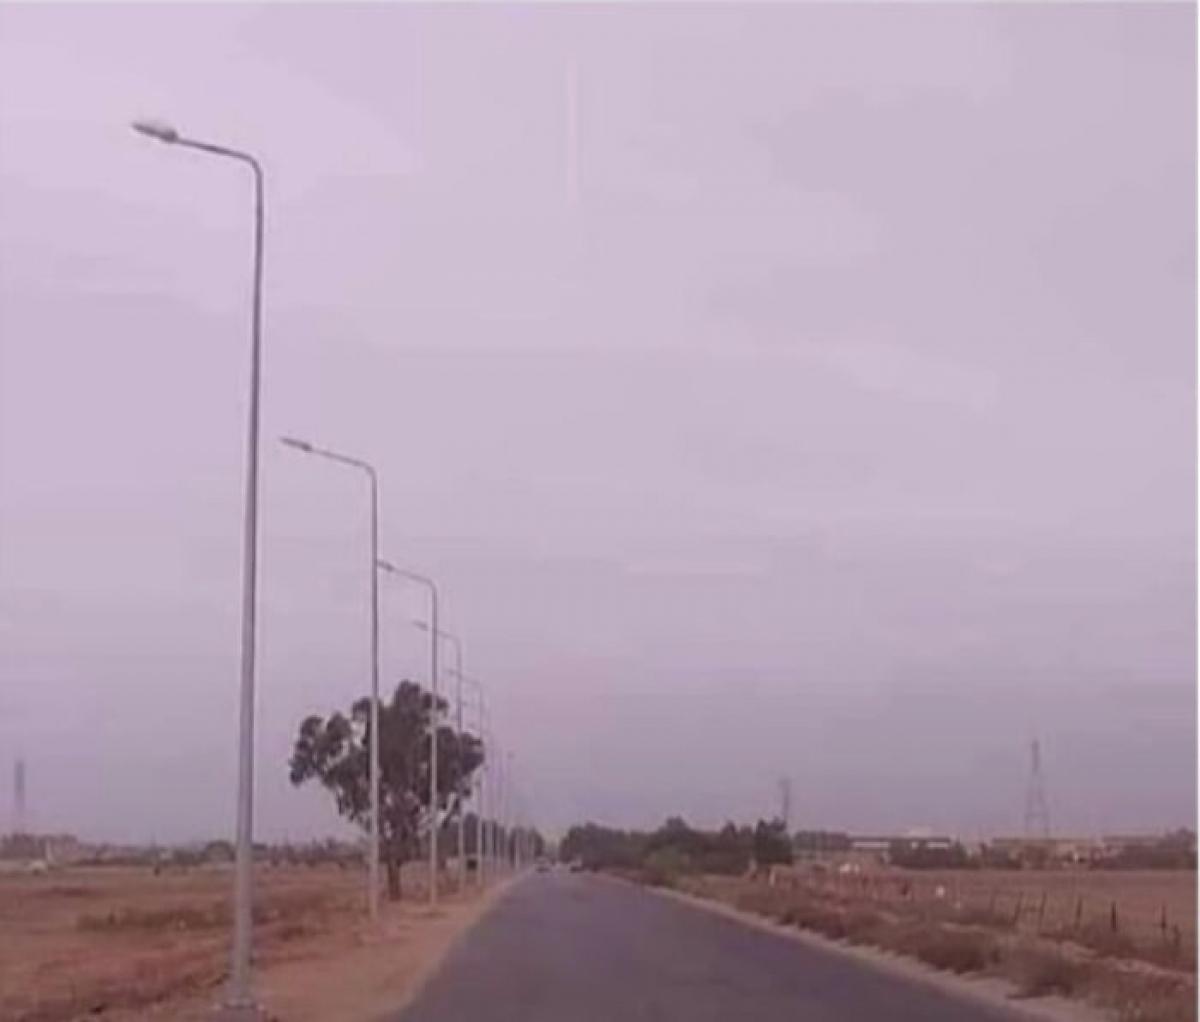 Đèn đường quay đi đâu thế kia.